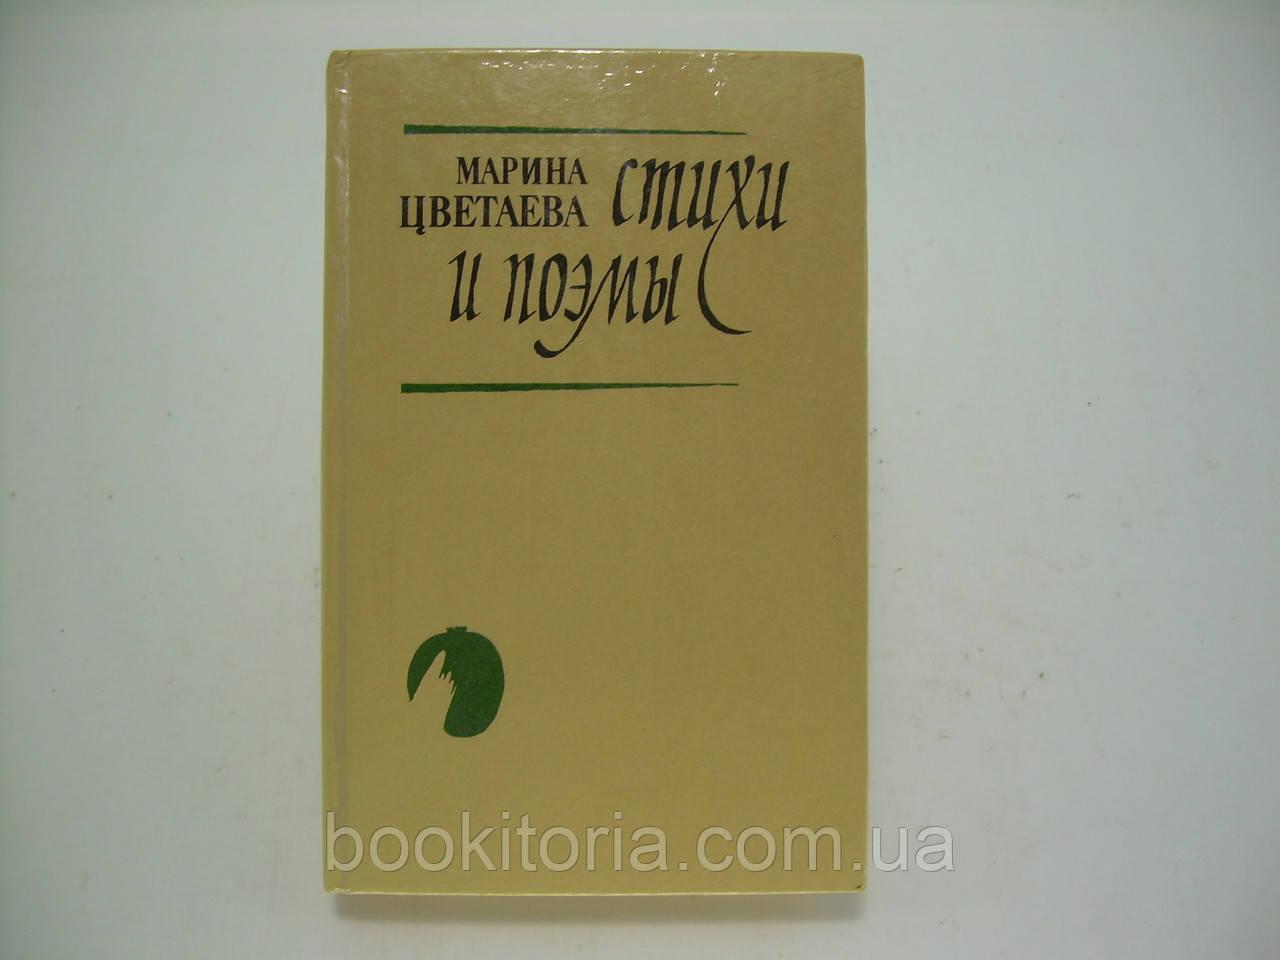 Цветаева М. Стихи и поэмы (б/у).